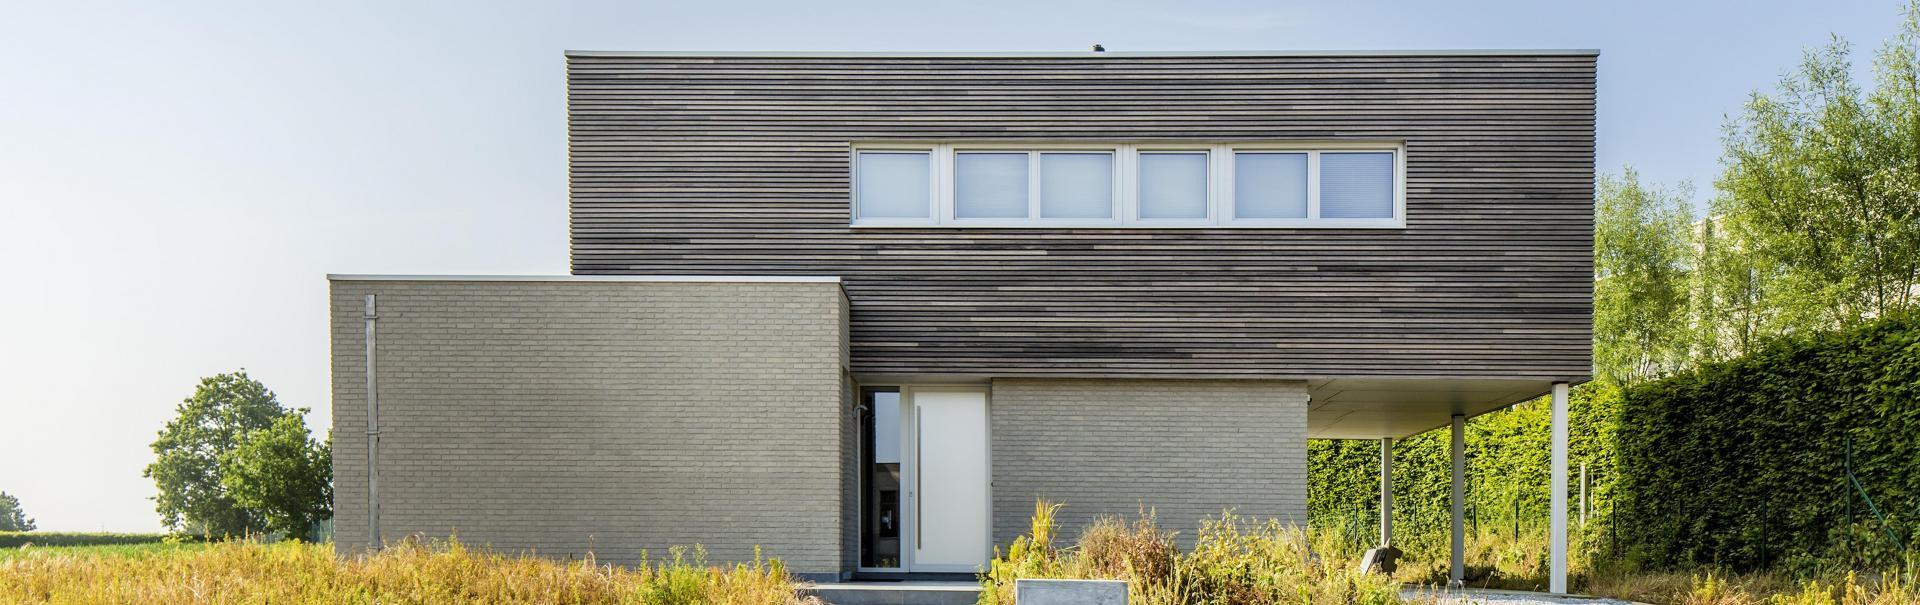 Moderne woning met gevelsteen en gevelbekleding in hout